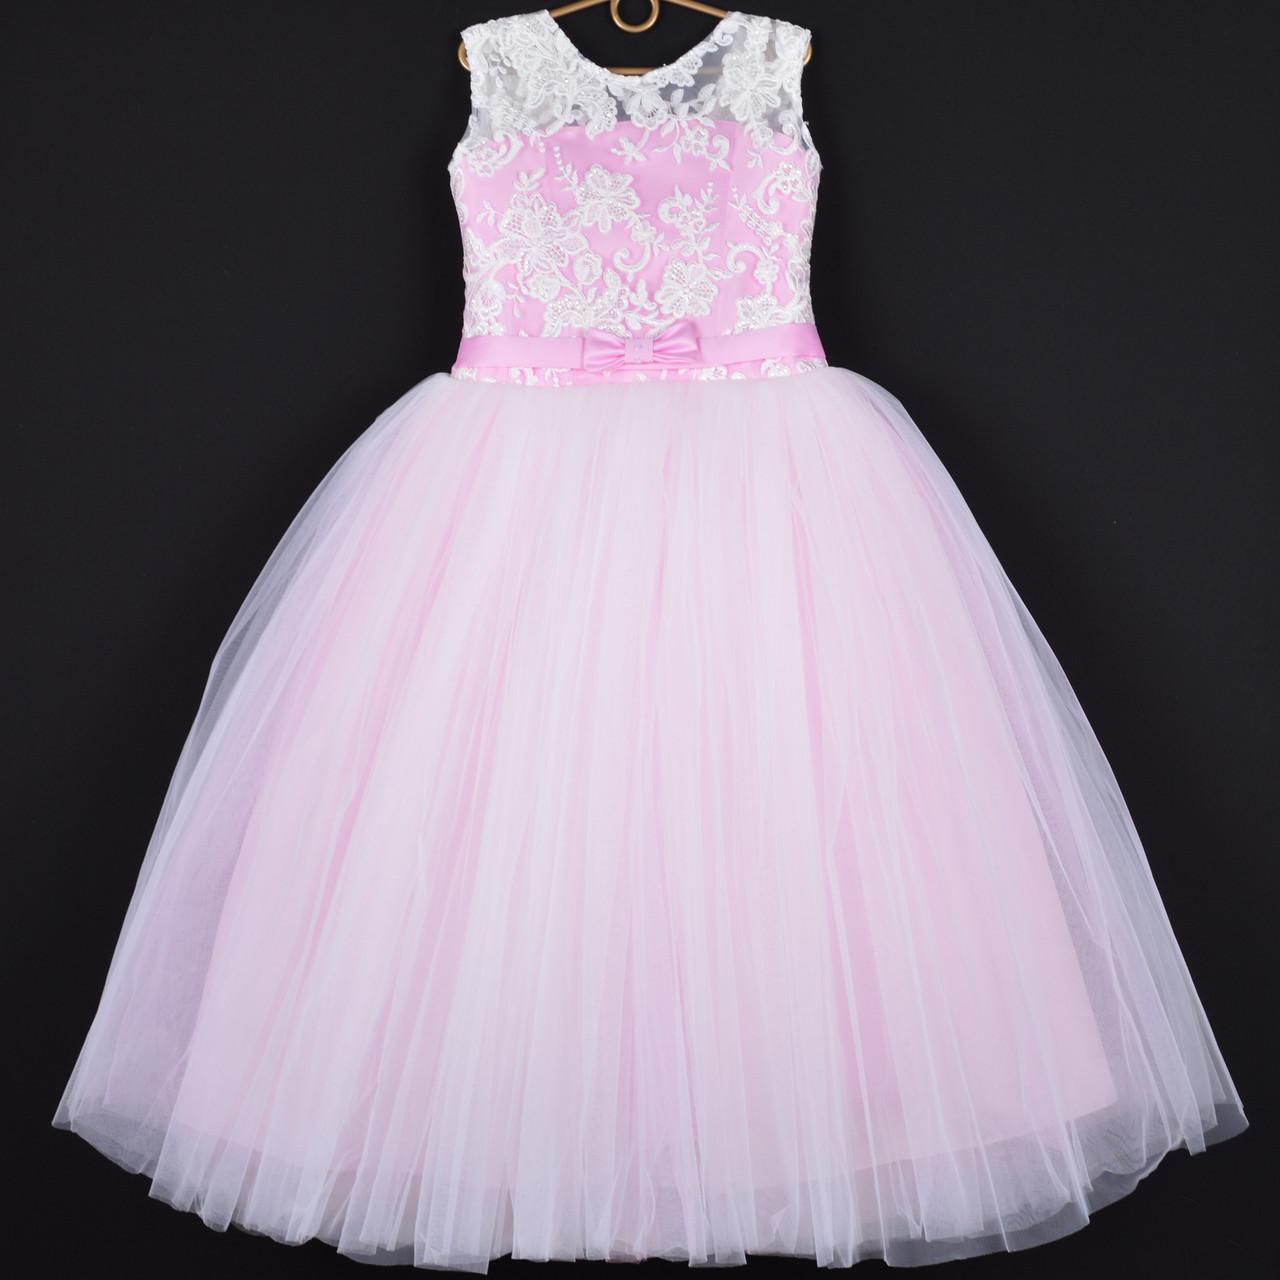 """Платье нарядное детское """"Герда"""" с бантиком. 8-9 лет. Розовое. Оптом и в розницу"""